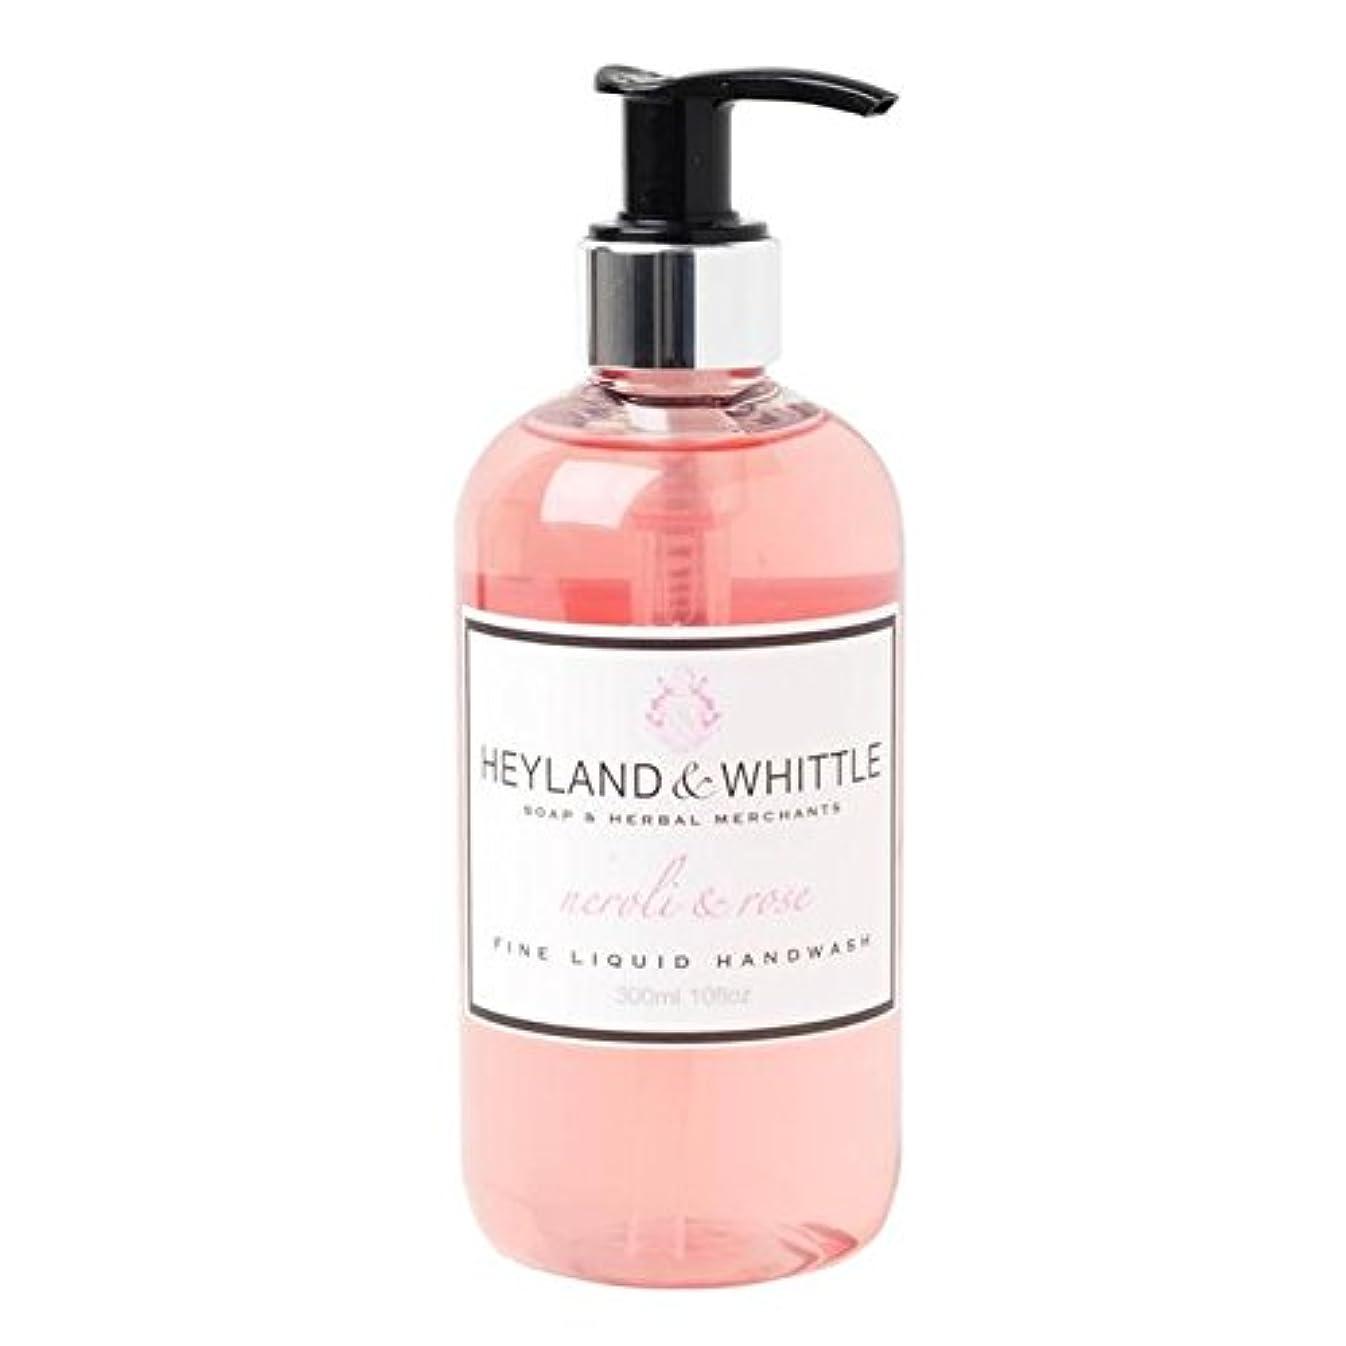 広まった必須論争的Heyland & Whittle Neroli & Rose Handwash 300ml - &削るネロリ&手洗いの300ミリリットルをバラ [並行輸入品]